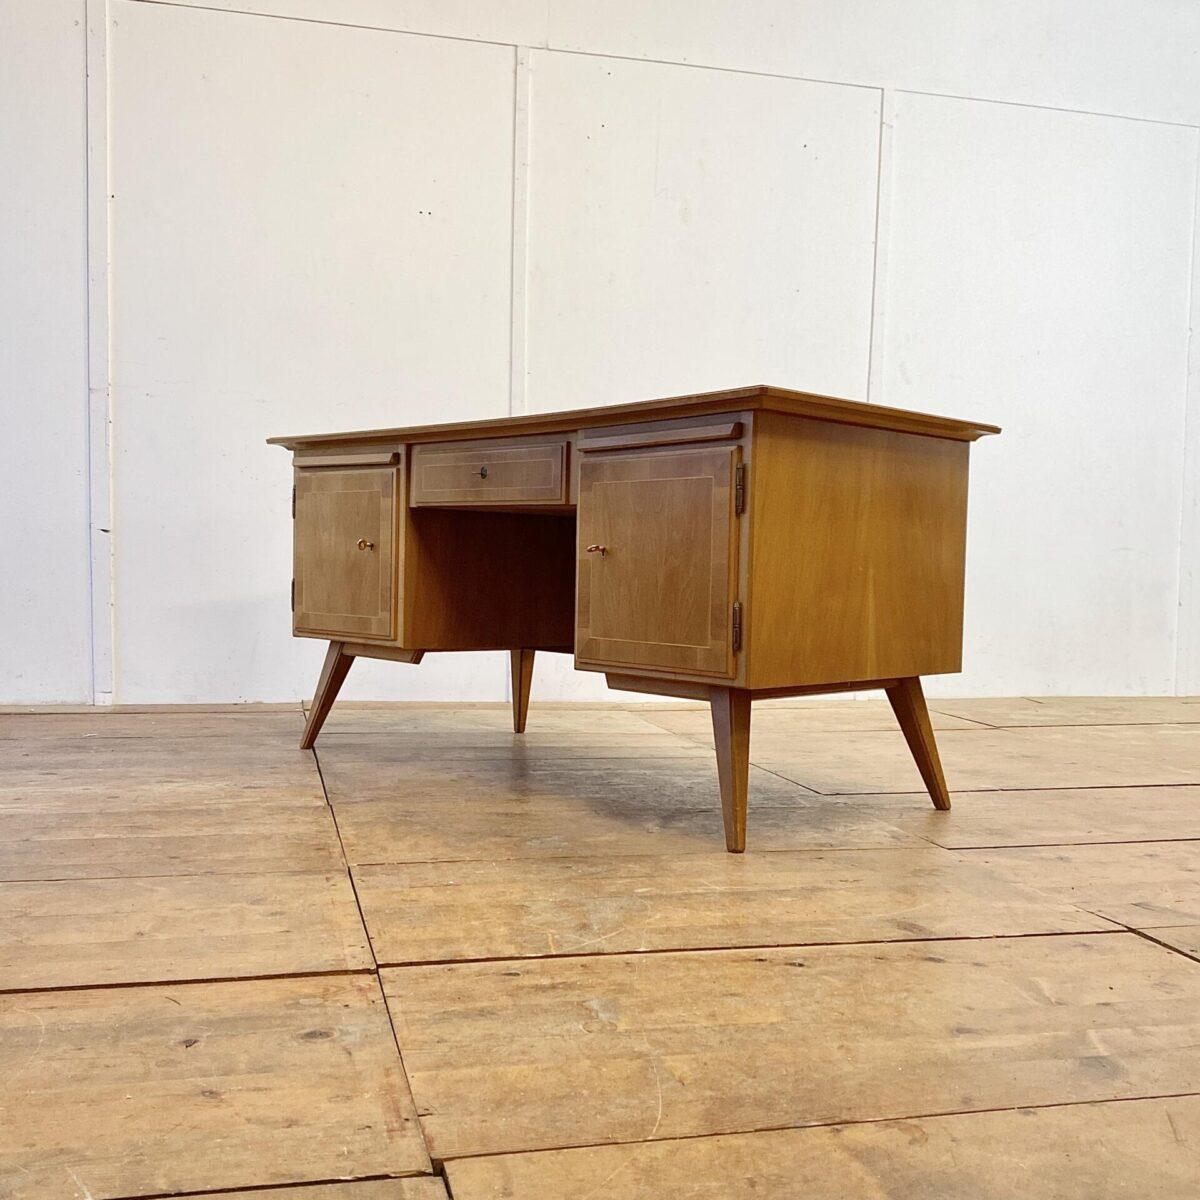 Deuxieme.shop Nussbaum Schreibtisch mit Schublade. 16x80cm Höhe 74.5cm. Dieser Tisch hat eine trapezförmige Grundform, und ist leicht geschwungen. Hinter den Türen befinden sich Schubladen. Die Rückseite hat Füllungen und ein kleines Tablar.